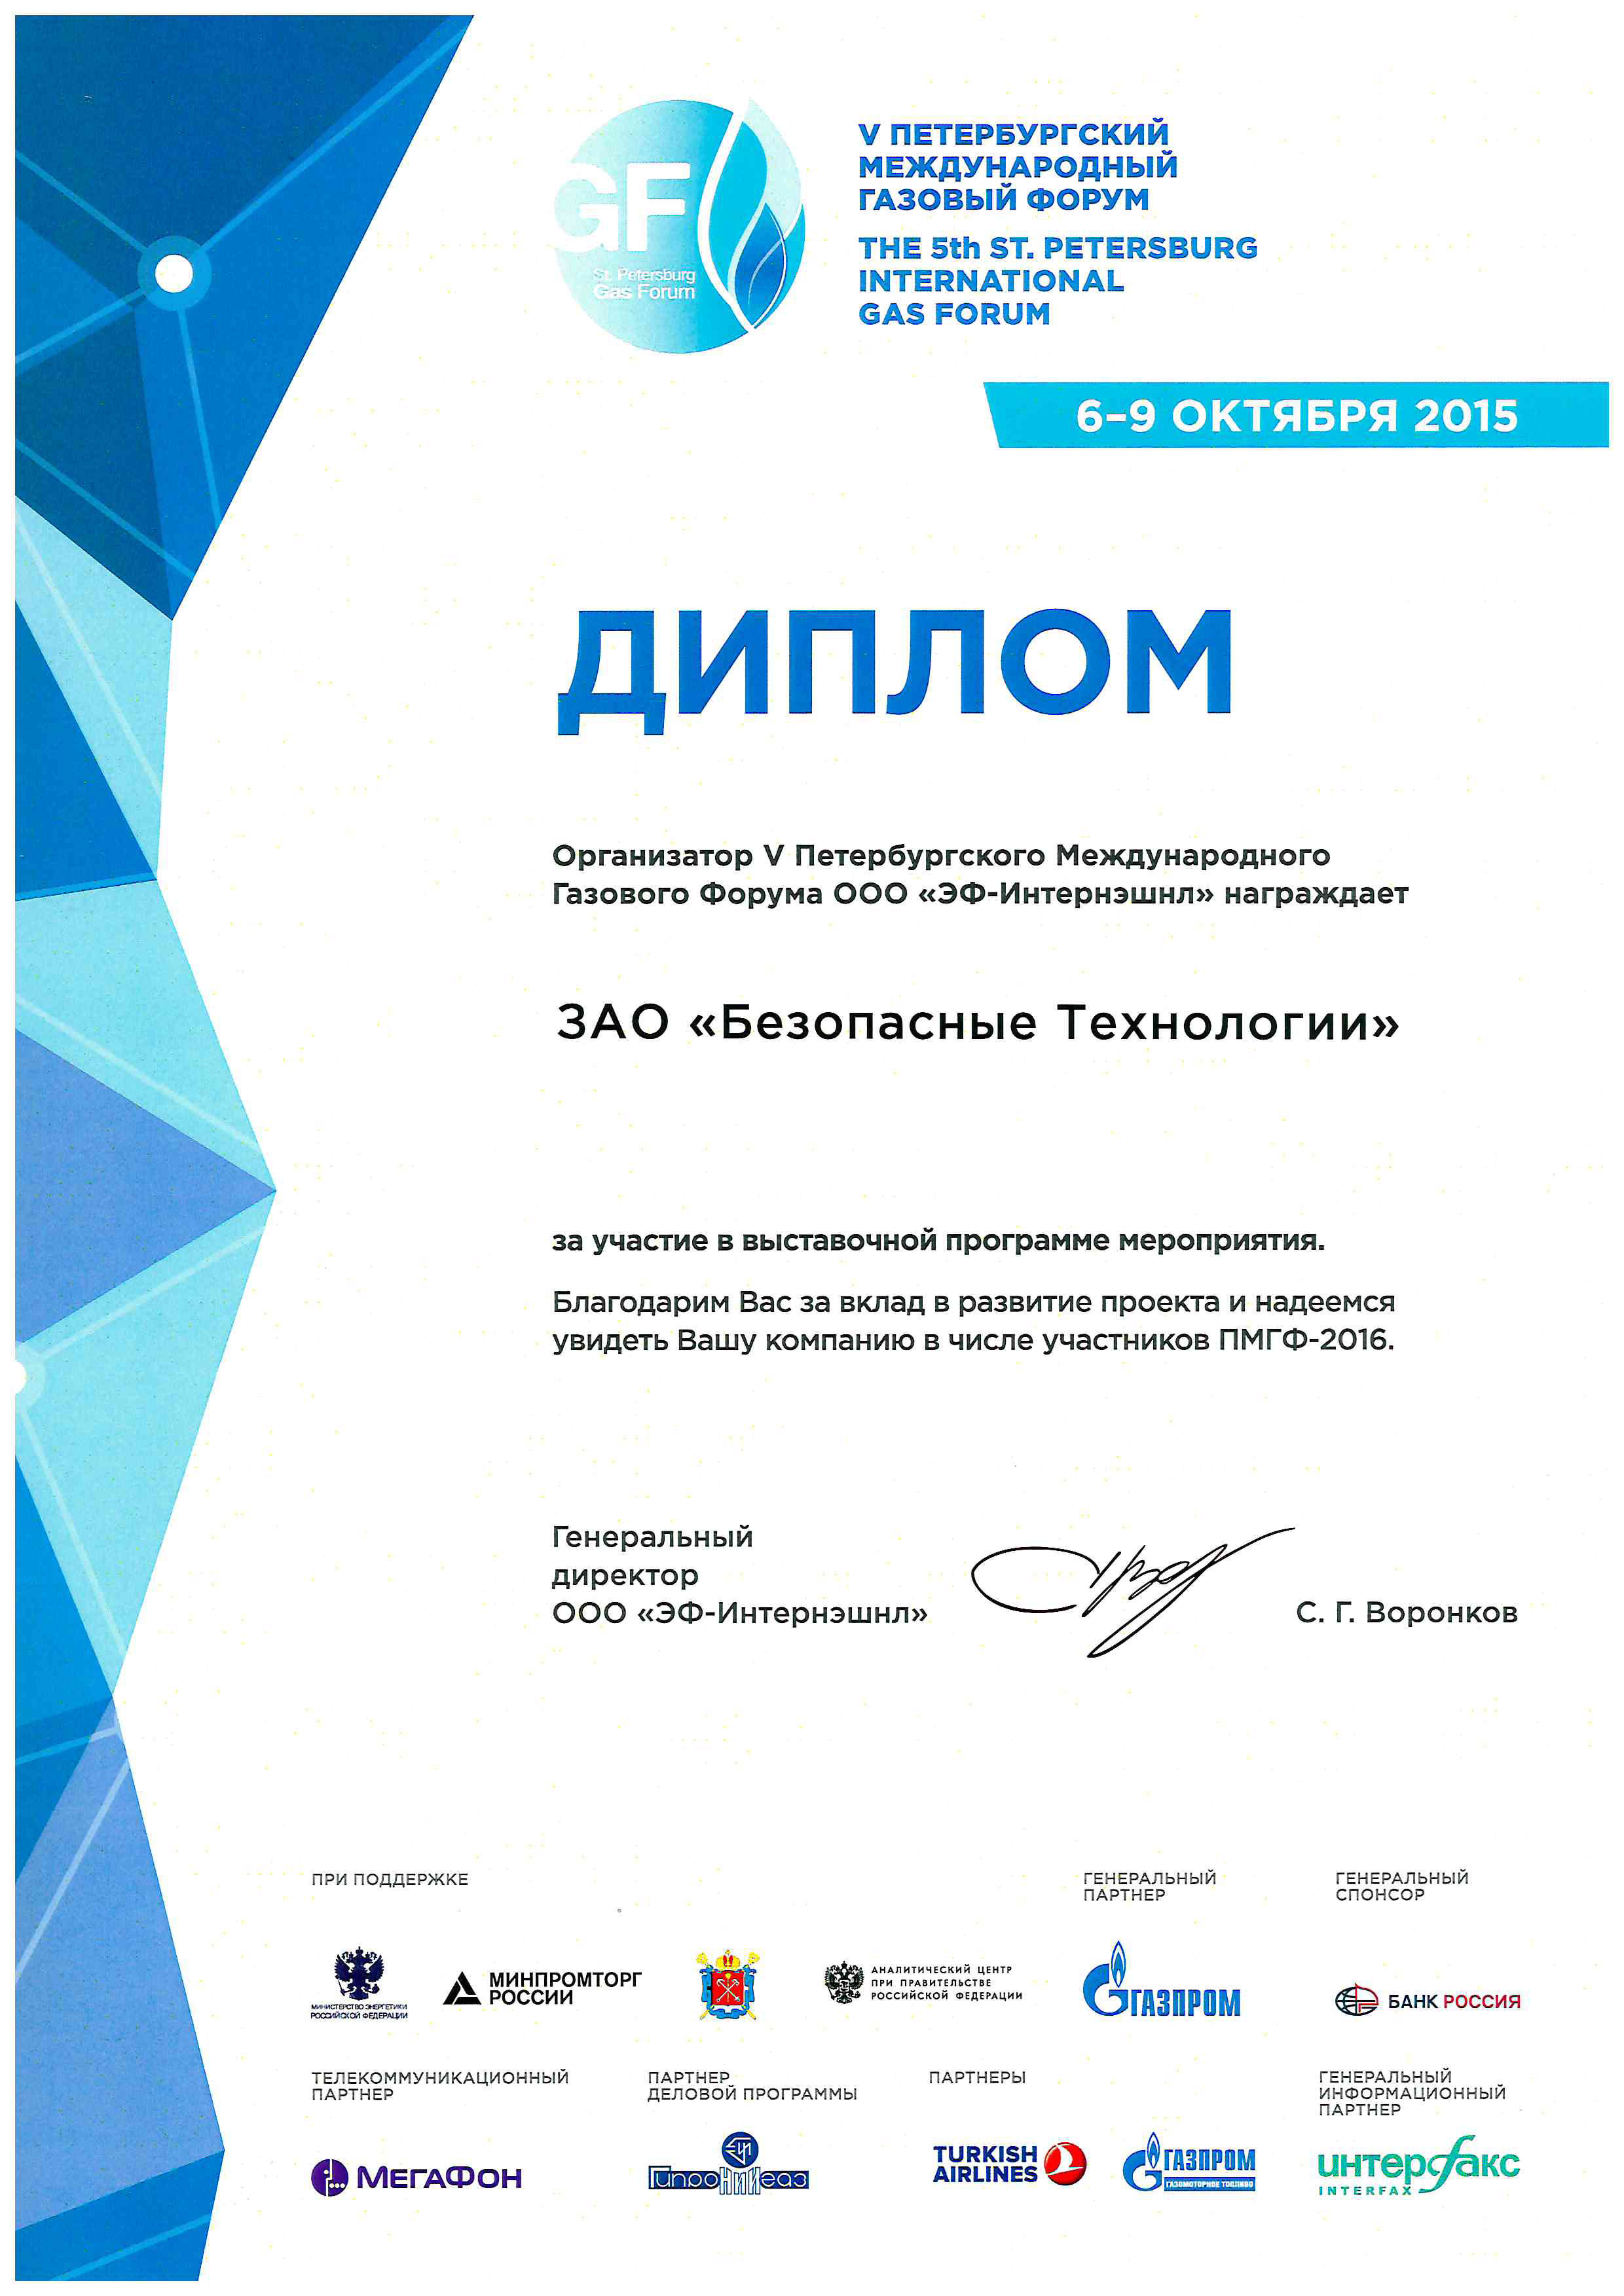 Диплом выставки v Петербургский Международный Газовый Форум  Диплом за участие в Газовом Форуме ПМГФ 2015